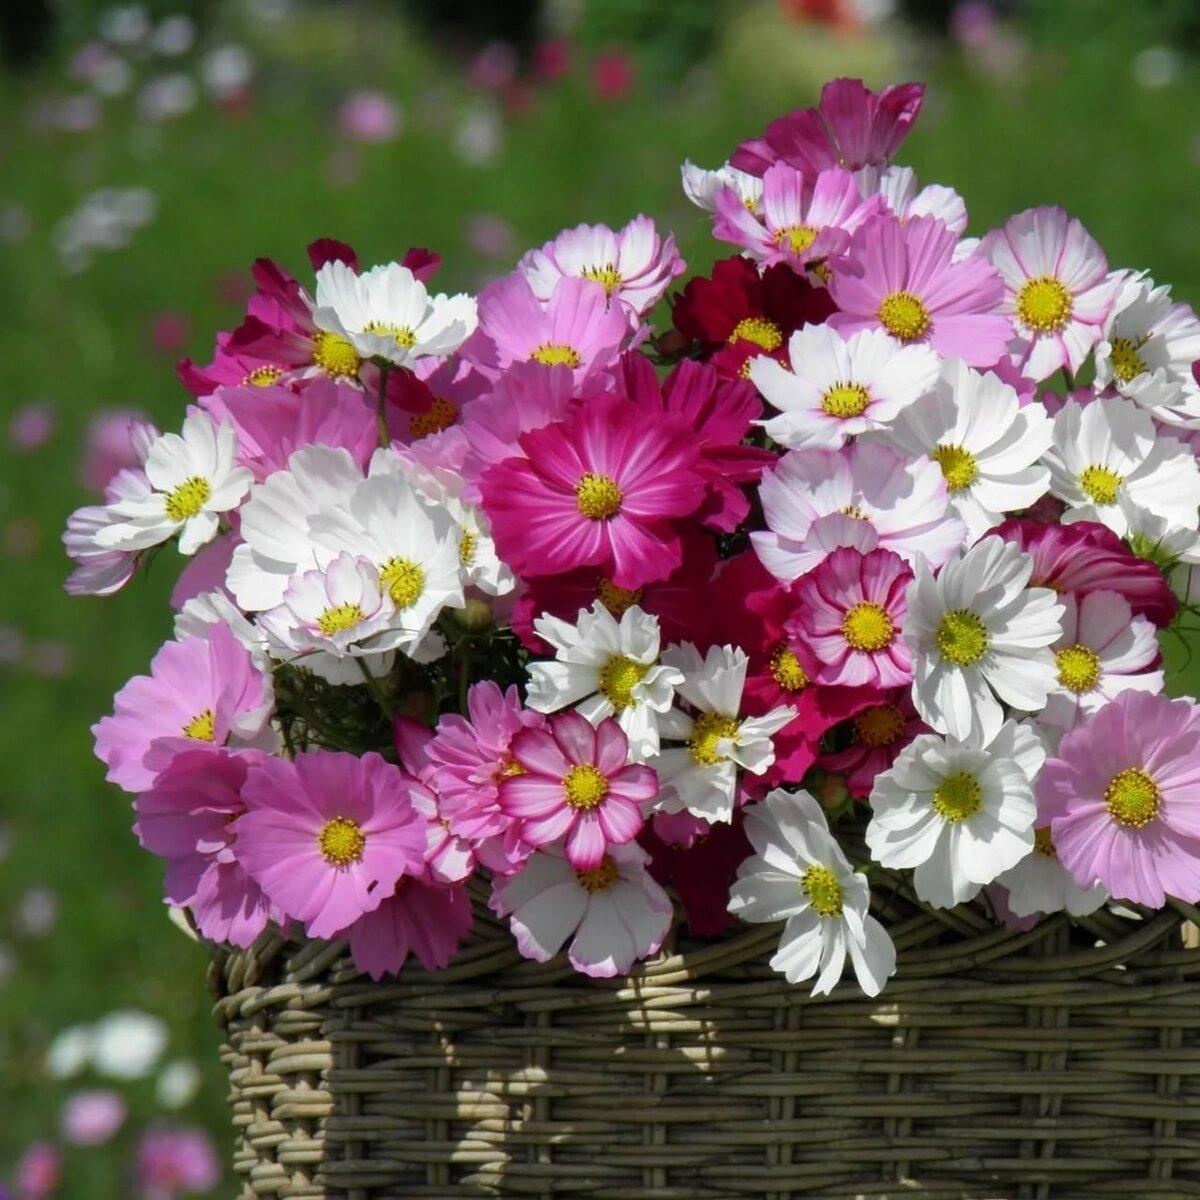 картинки с июльскими цветами способ украсить ребенка